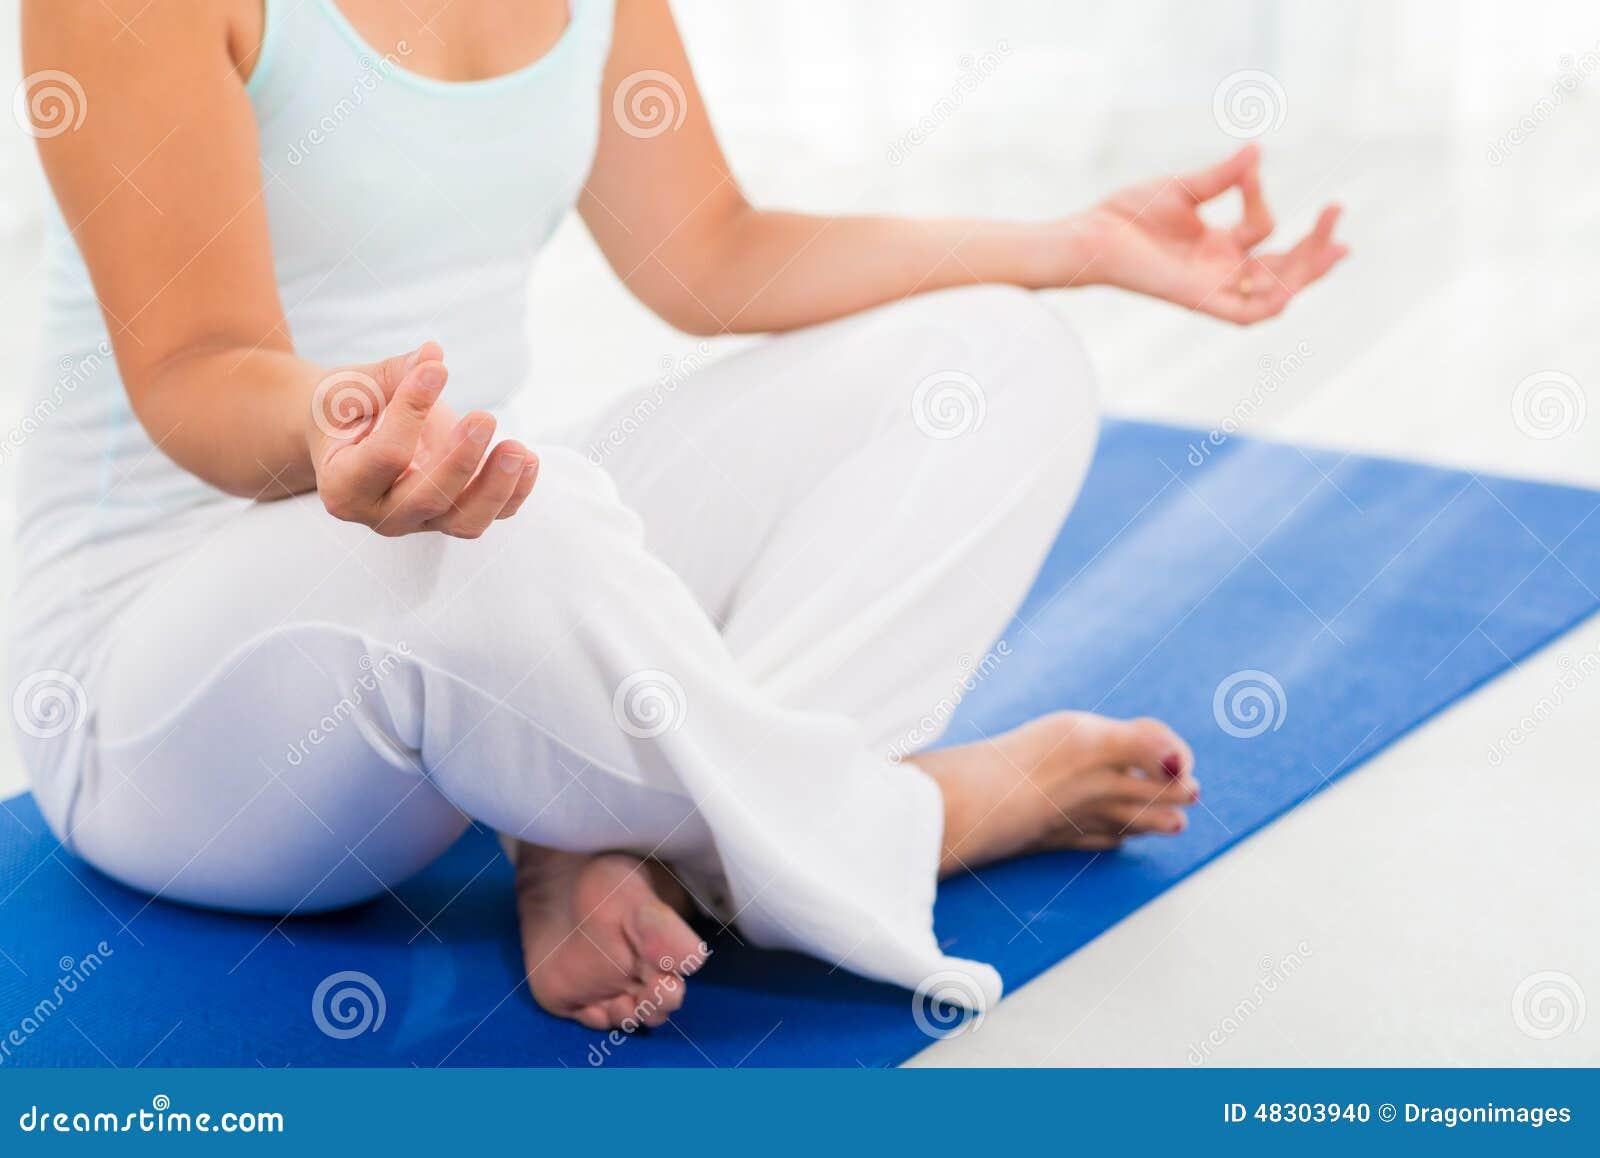 Meditation No Peace